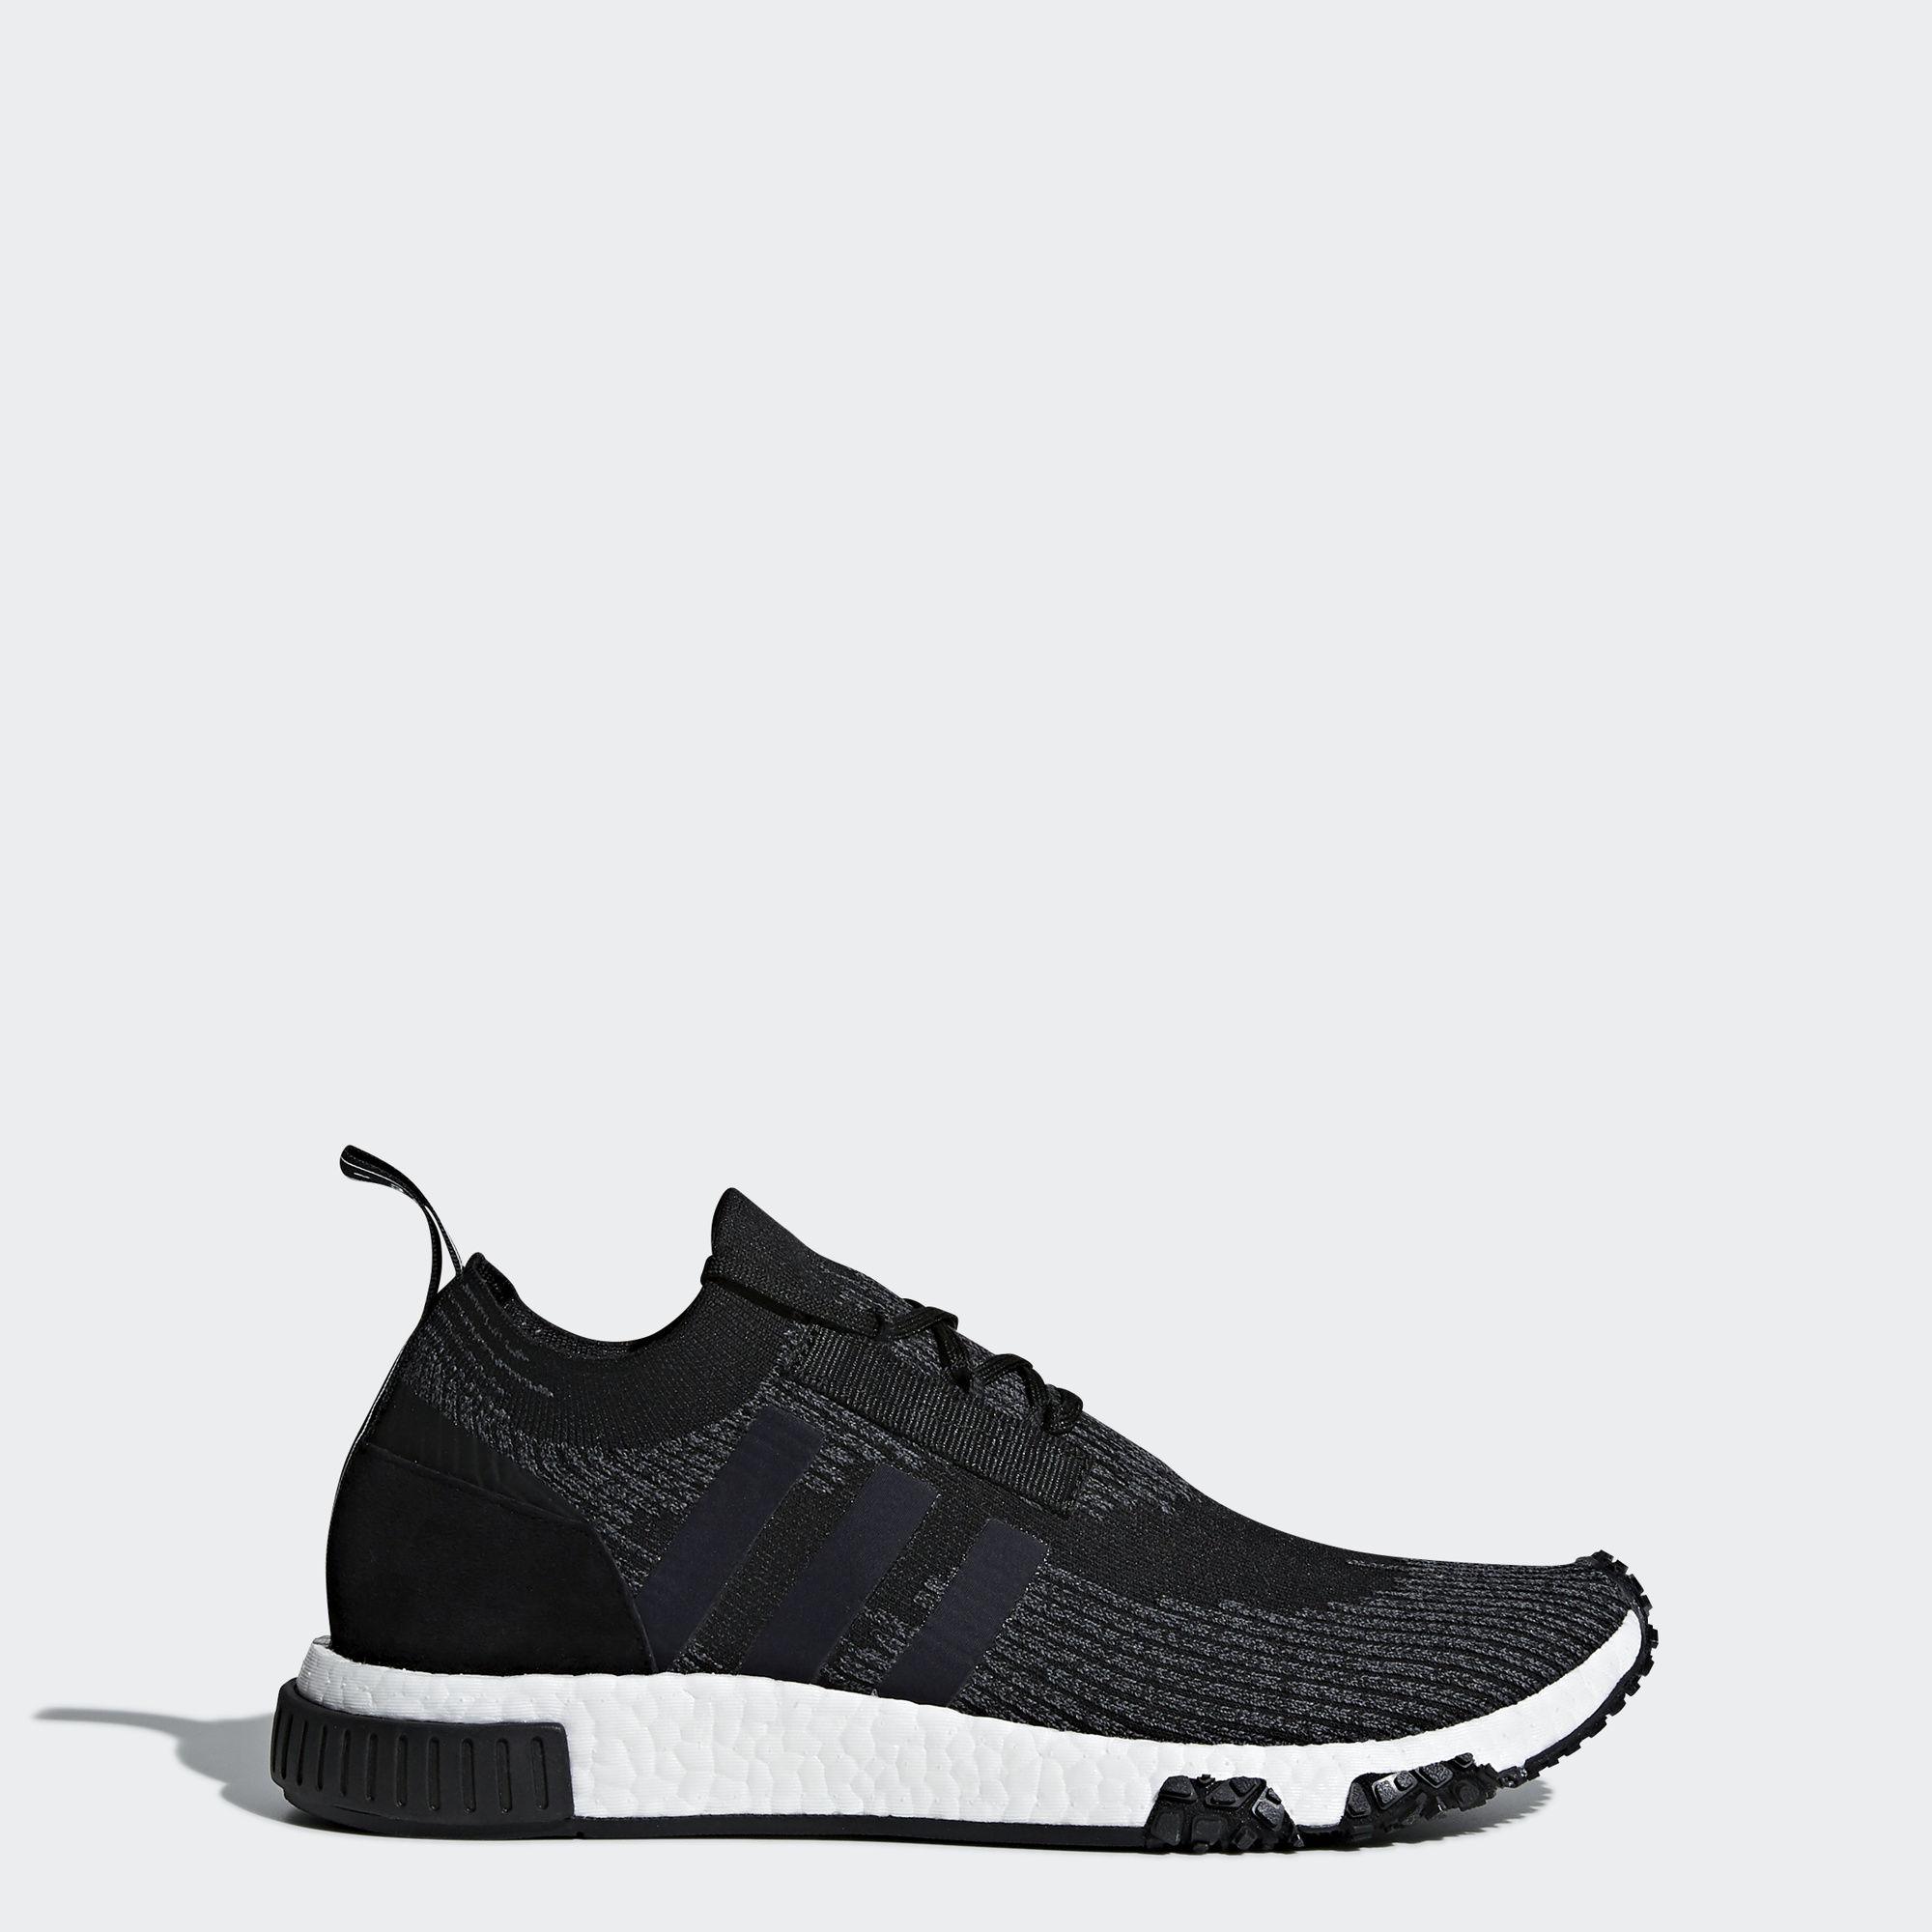 Nmd_racer Primeknit Shoes bis zu 70 % | AFOUND